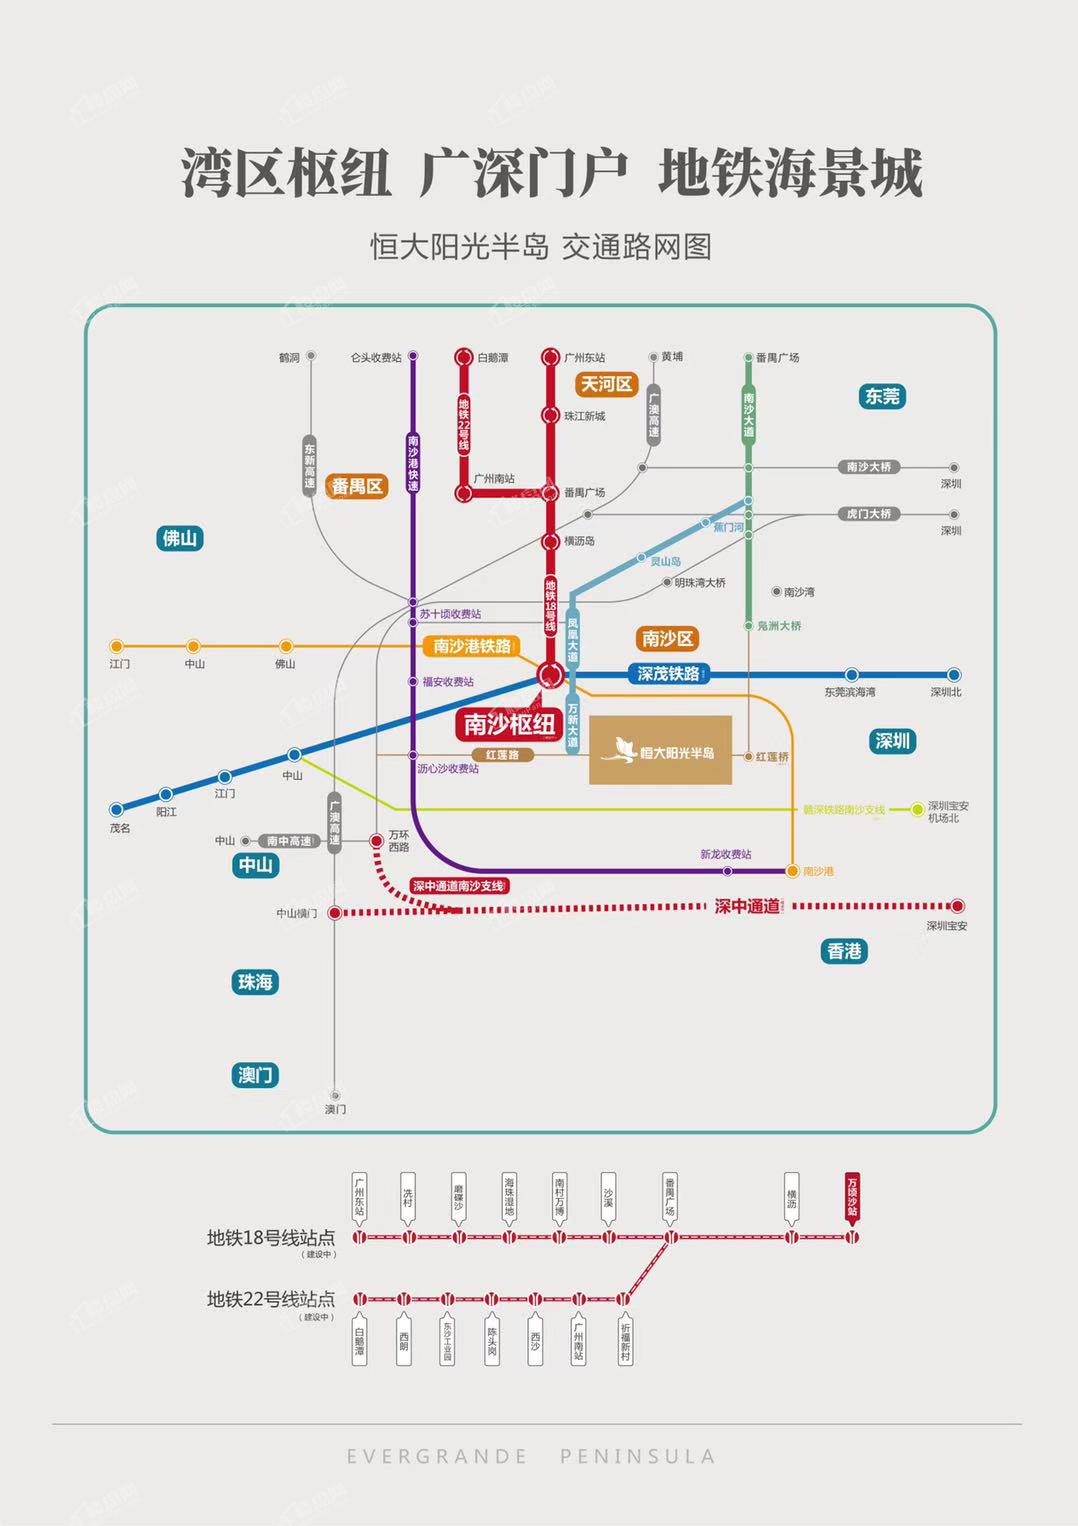 广州恒大阳光半岛位置图